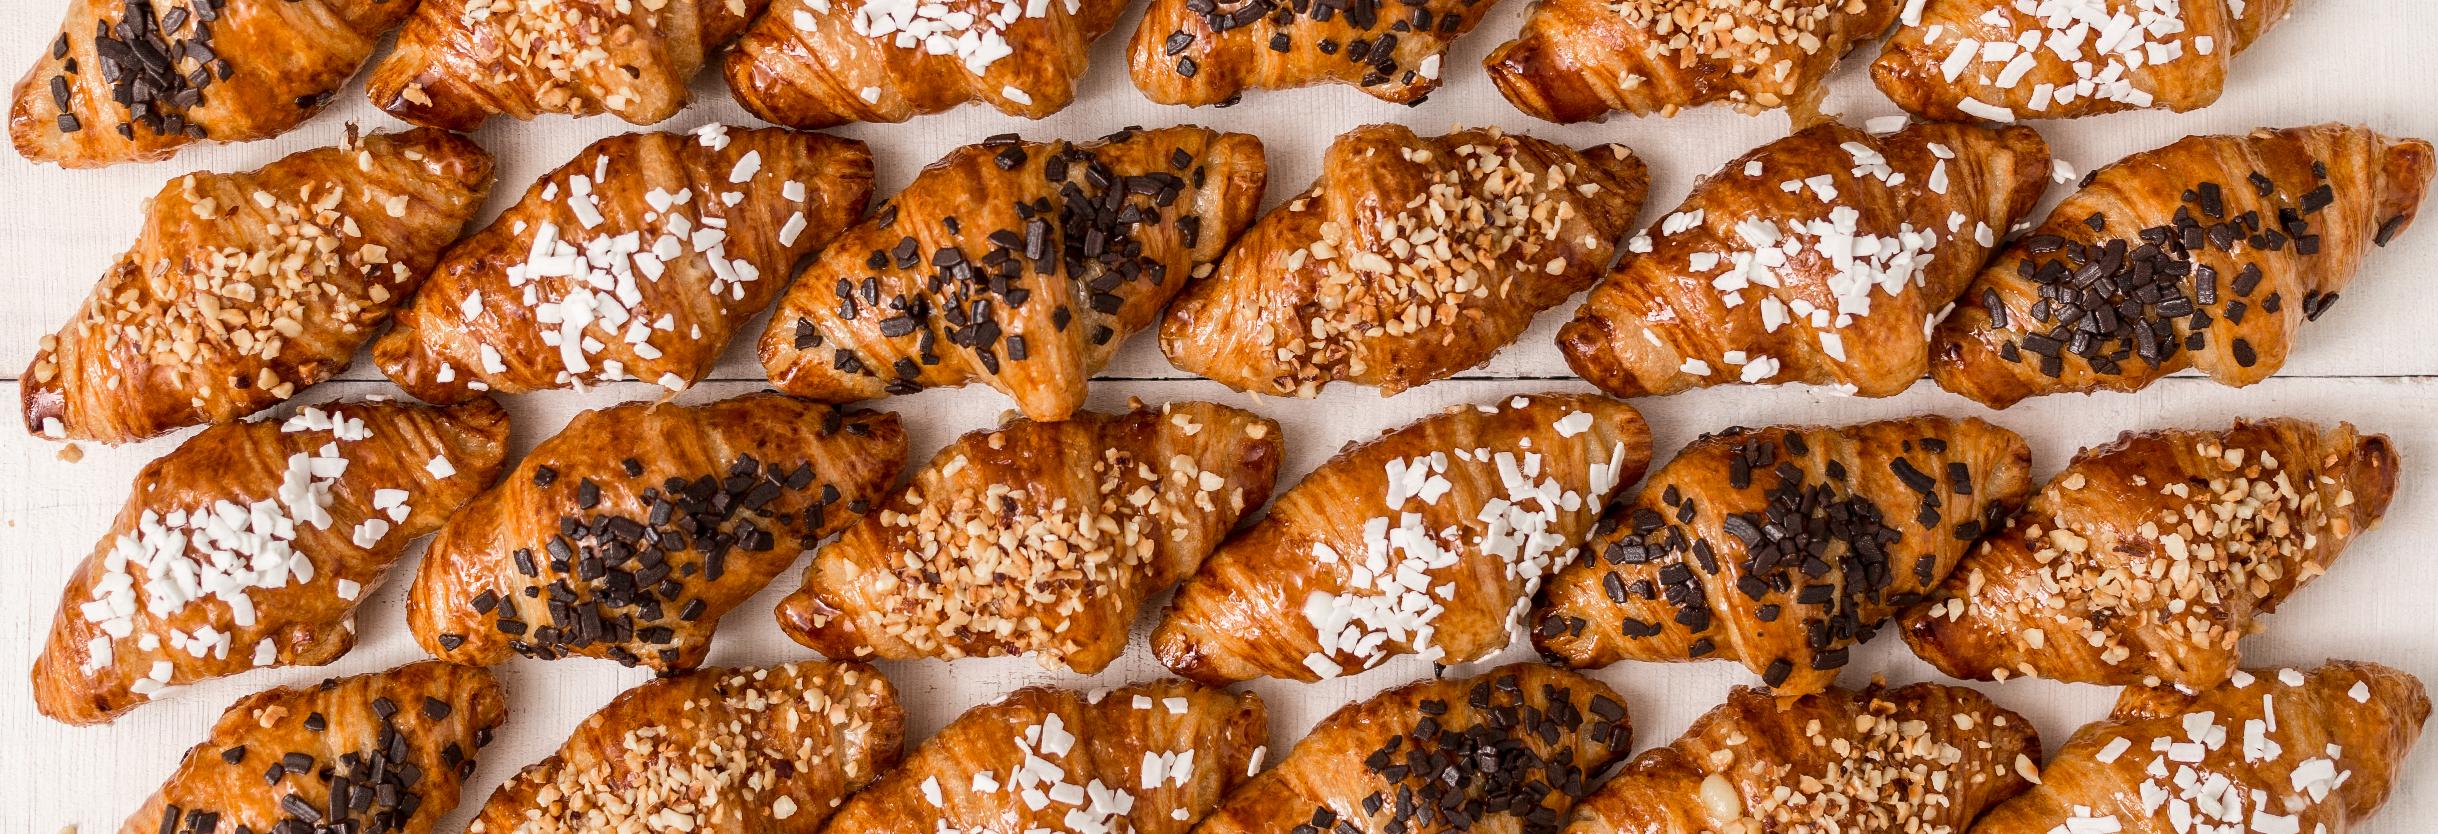 Septiembre 2019 - Mini Croissants